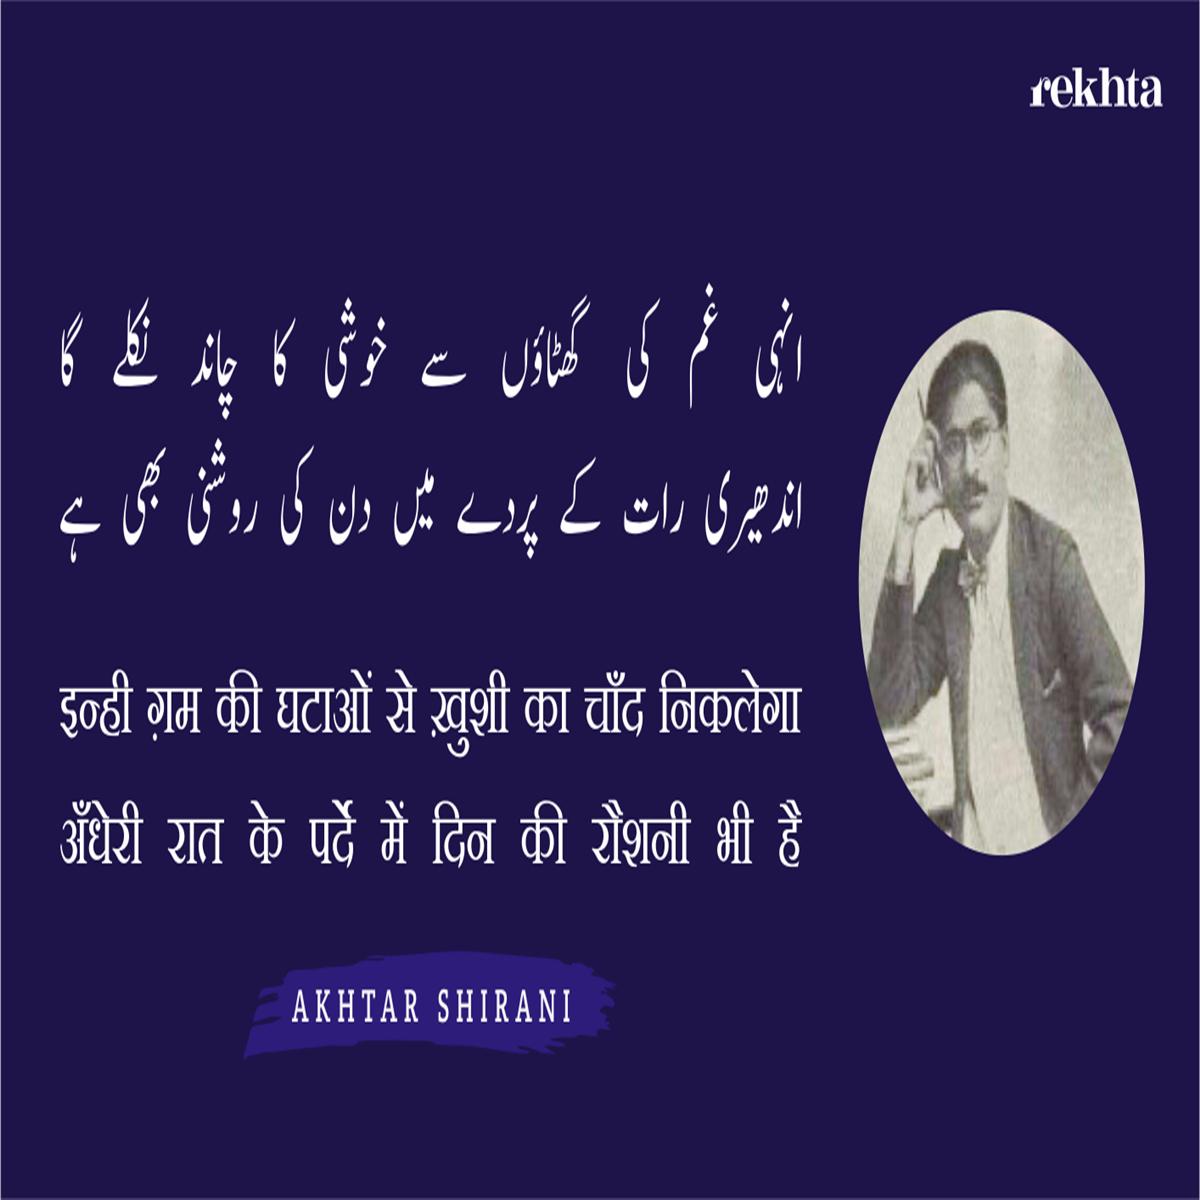 inhii Gam kii ghaTaa.o.n se KHushii kaa chaa.nd niklegaa-Akhtar Shirani